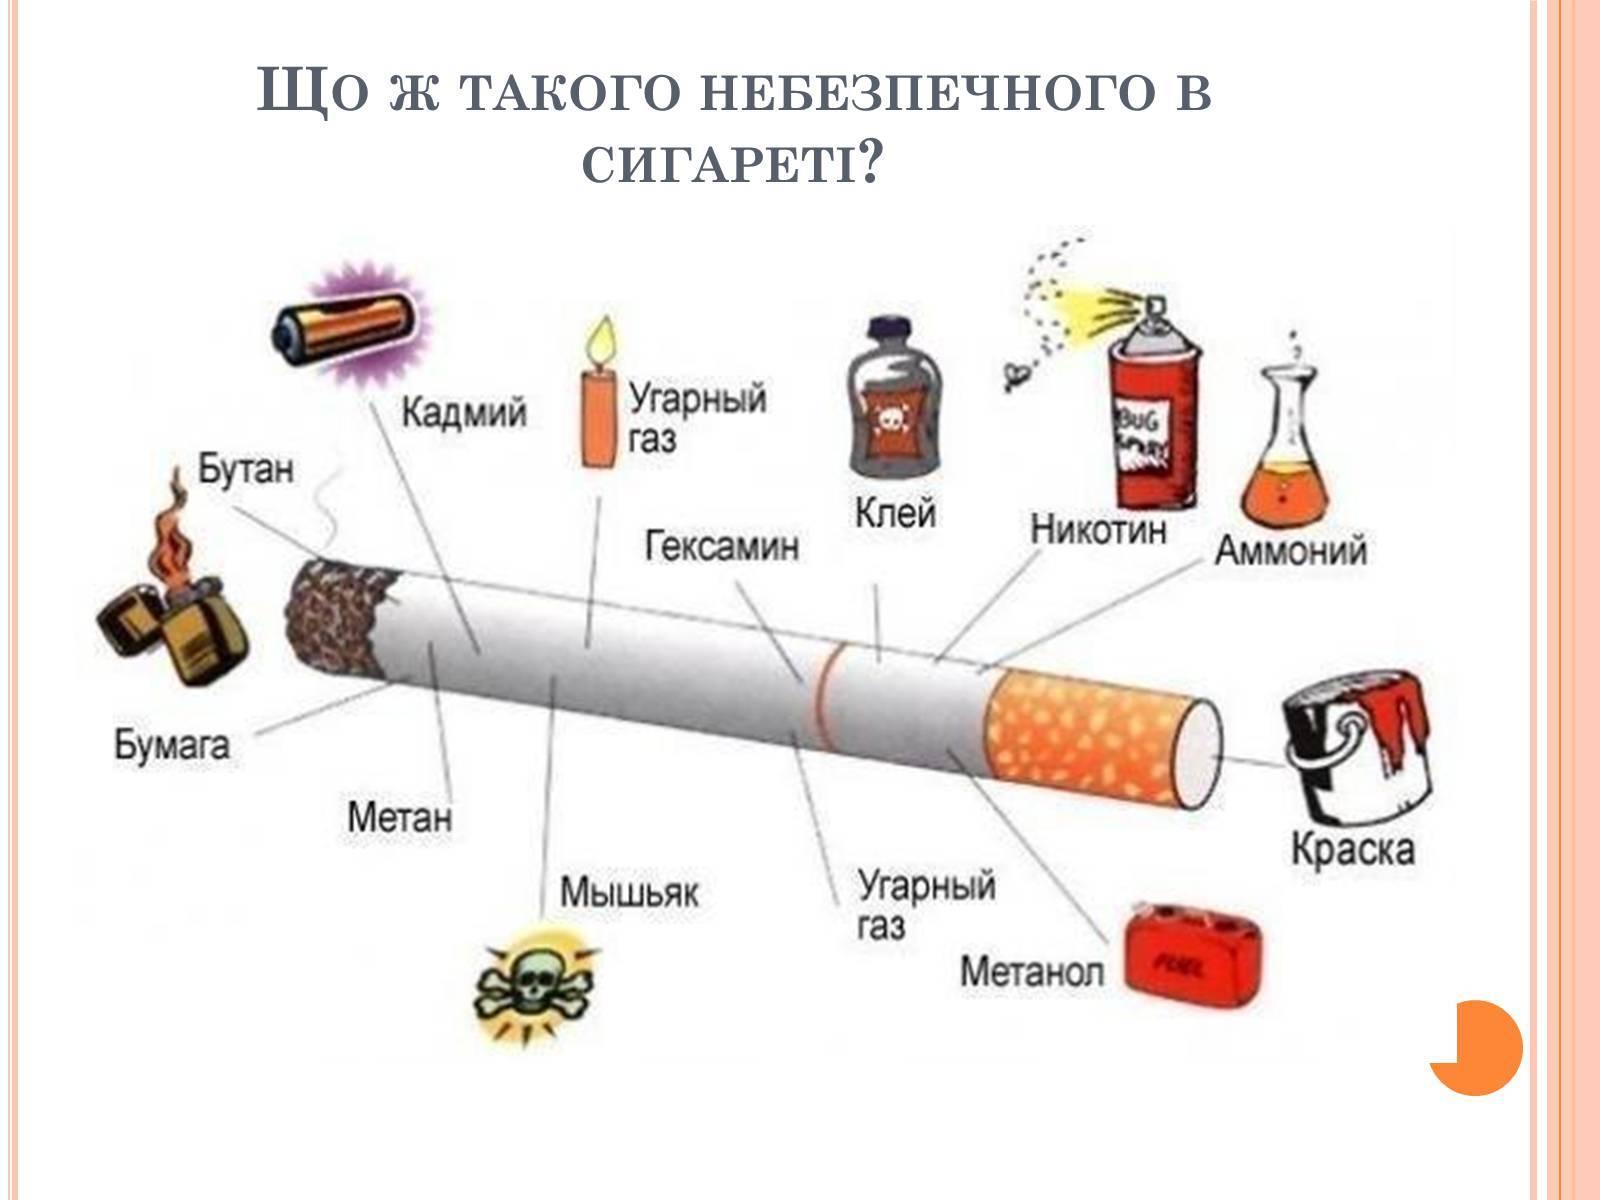 Упал уголек с сигареты примета